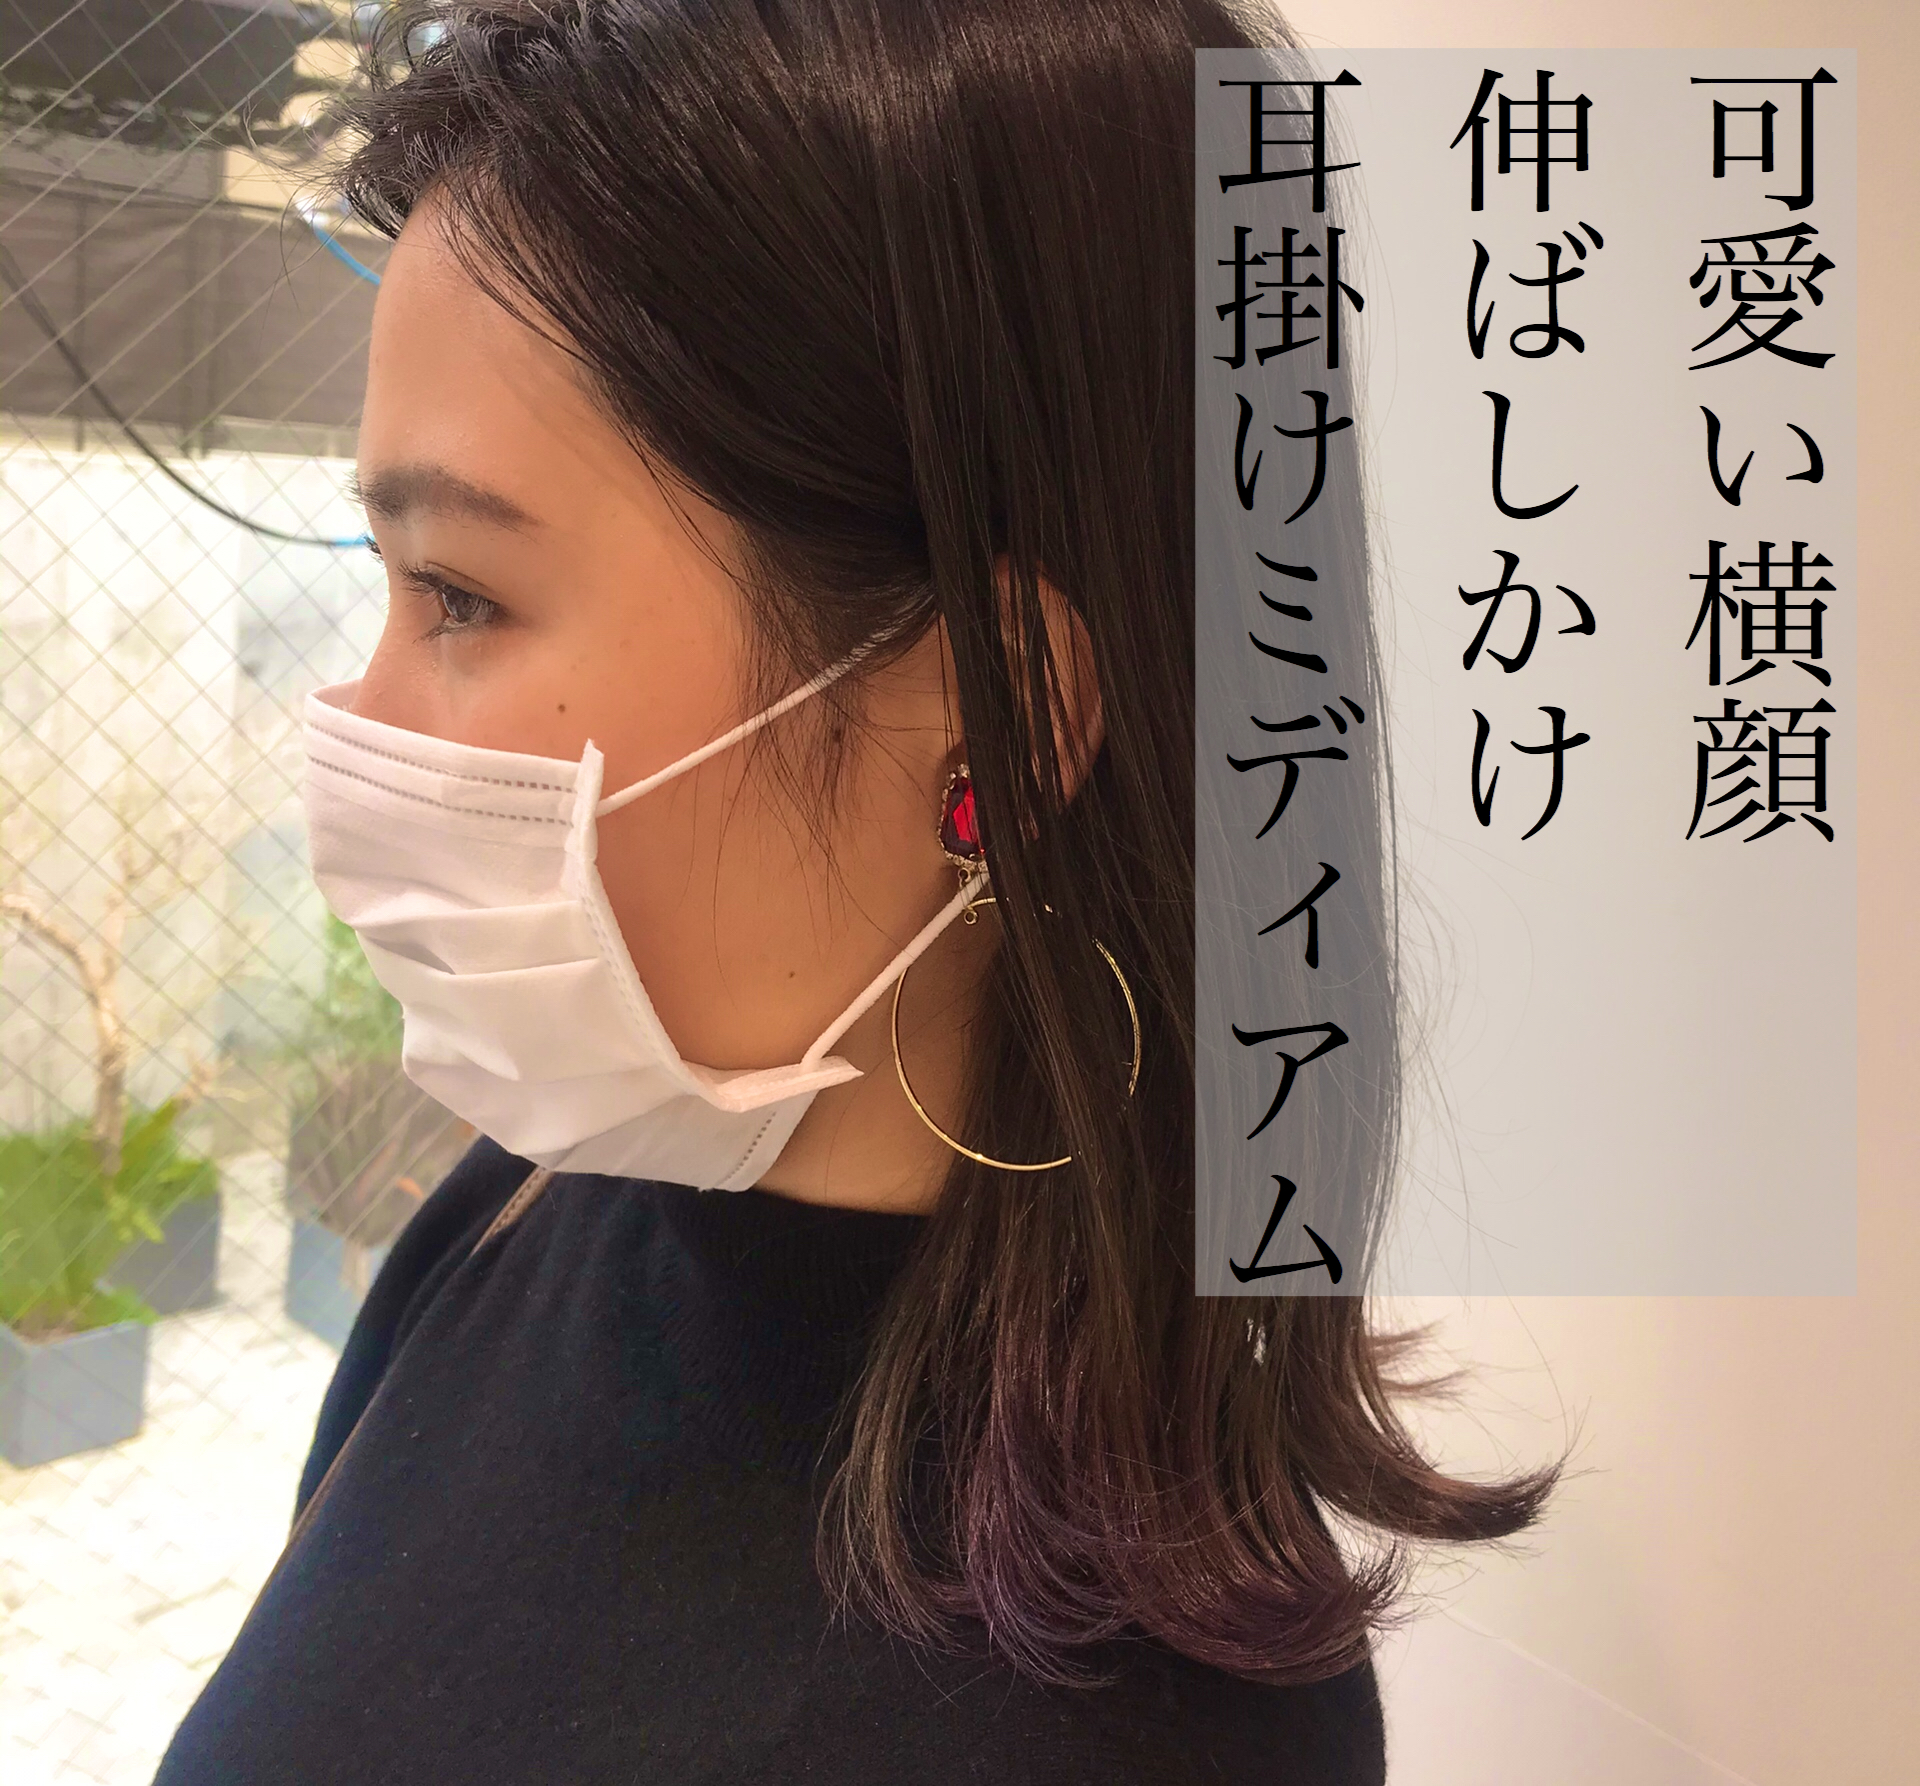 マスク 横顔